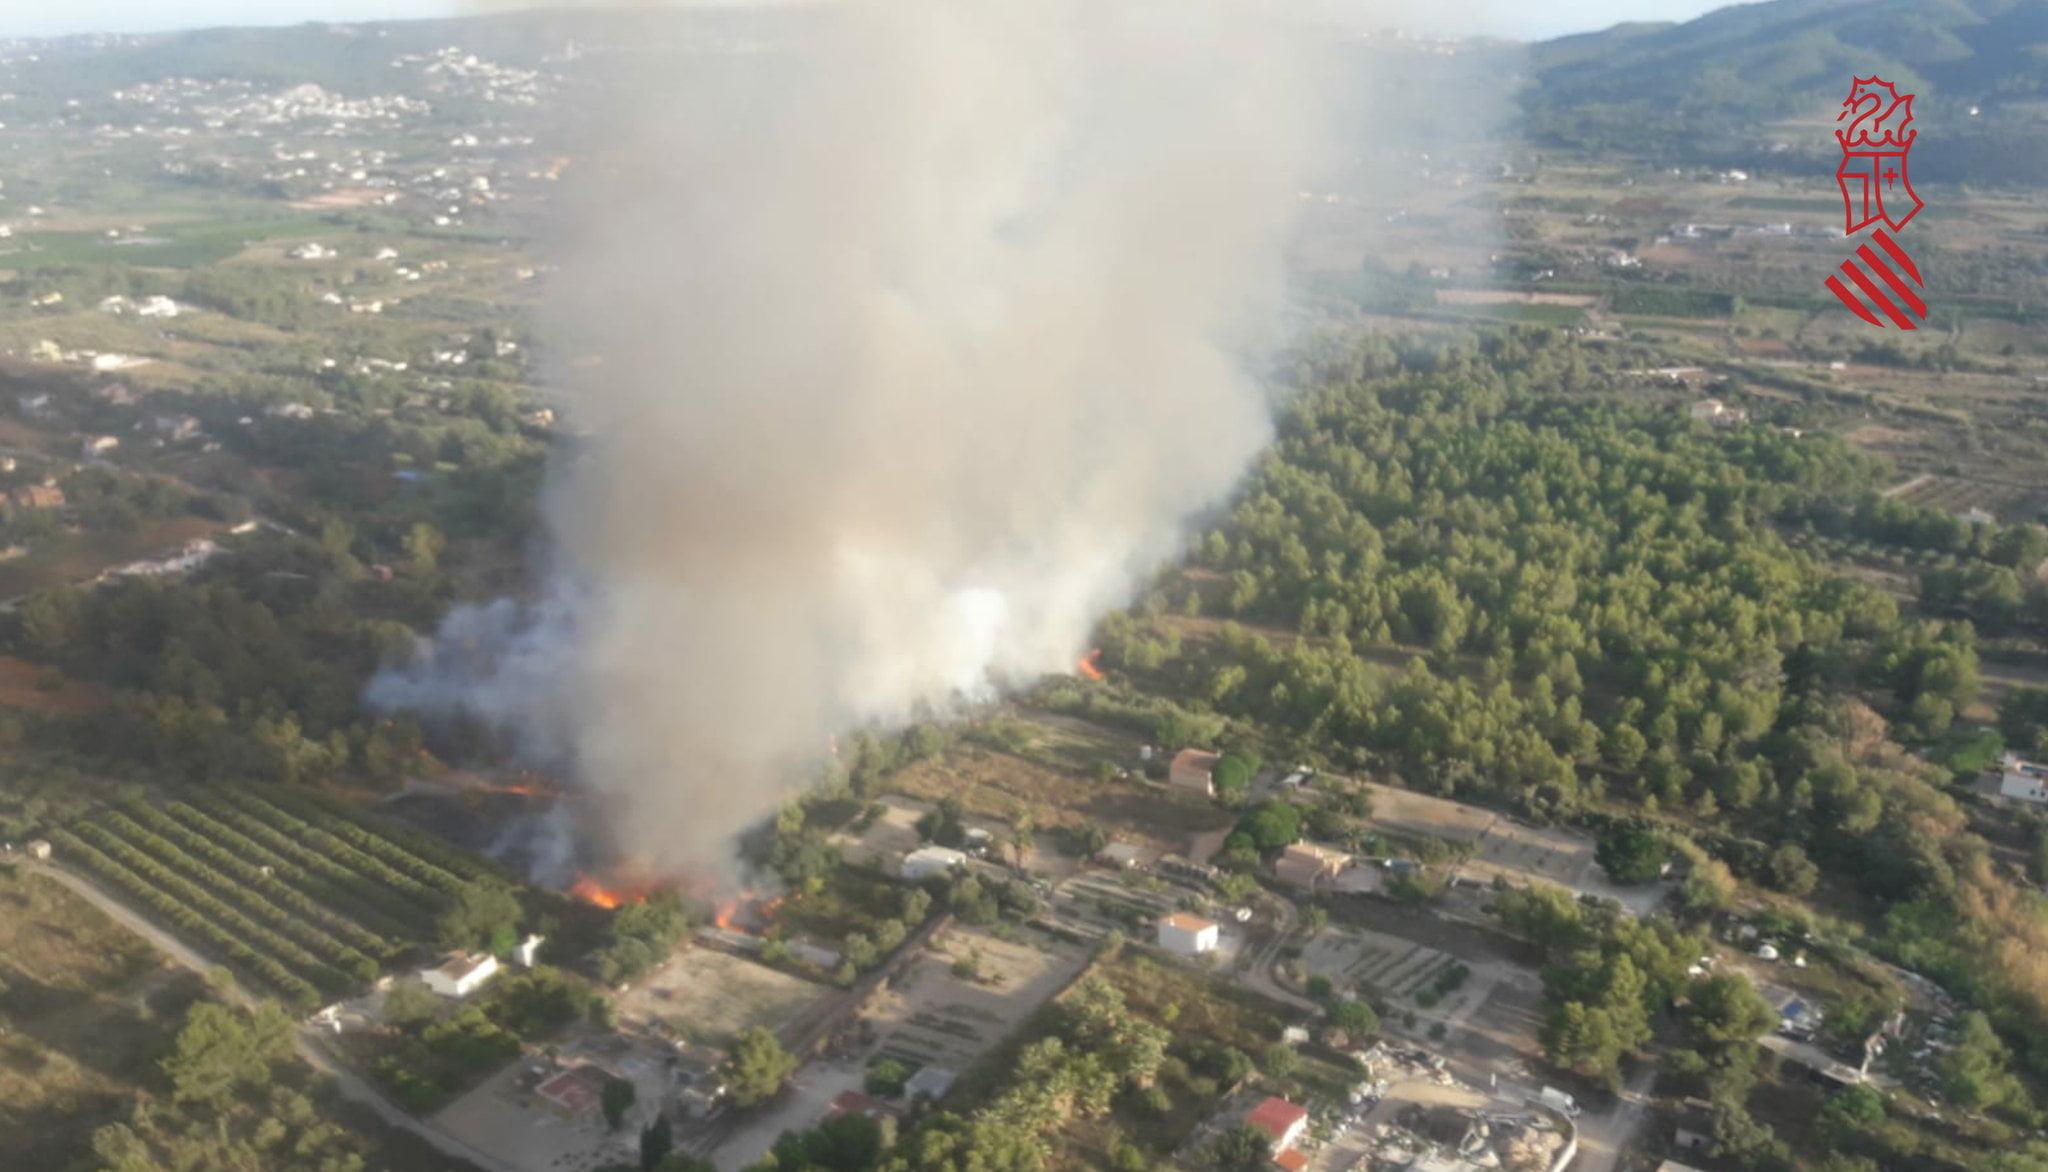 Vista aérea de uno de los incendios de Xàbia